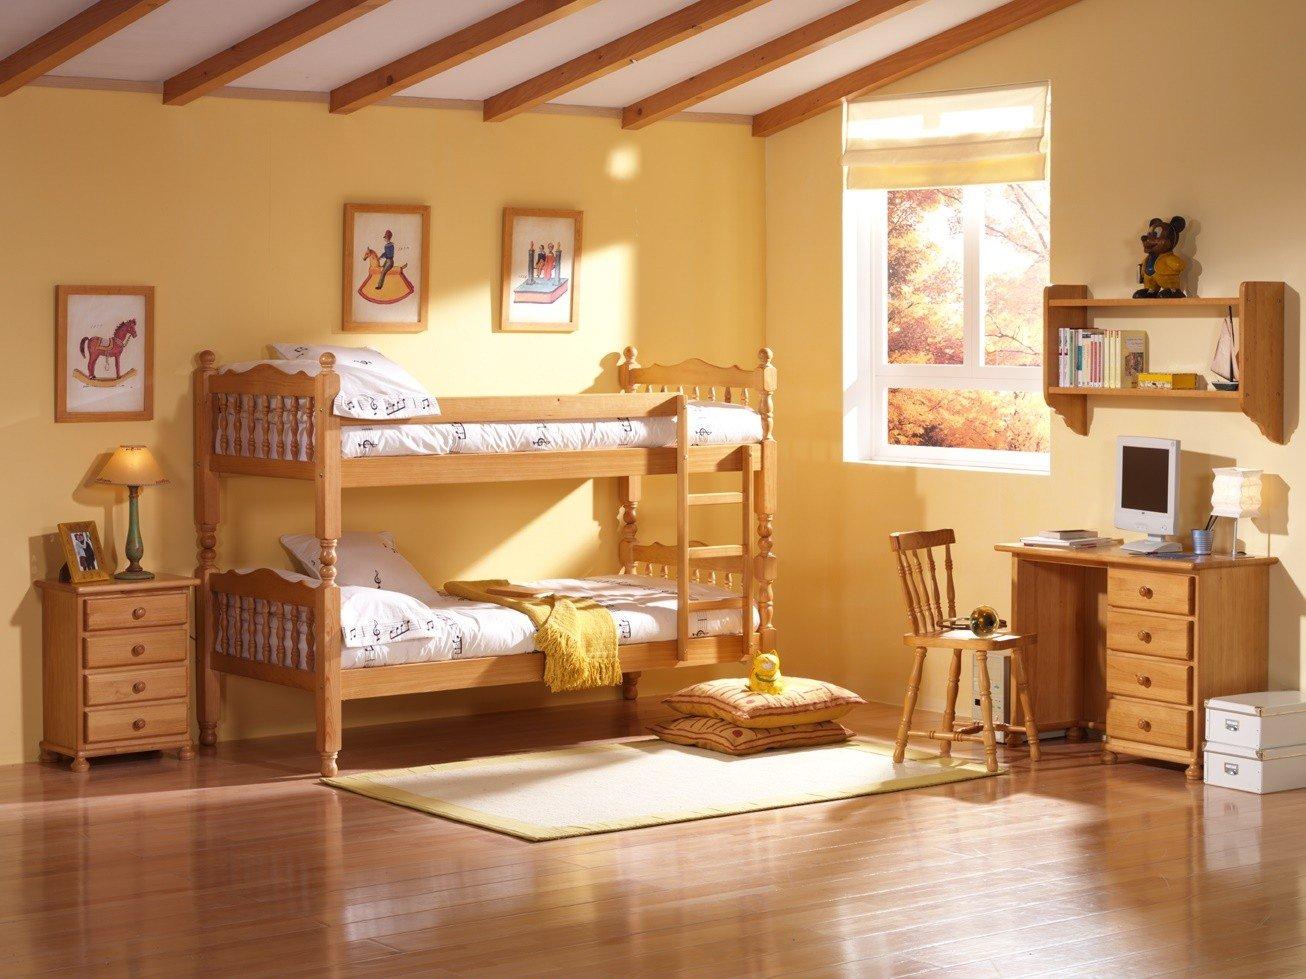 Dormitorios literas y camas abatibles - Dormitorios juveniles de madera maciza ...